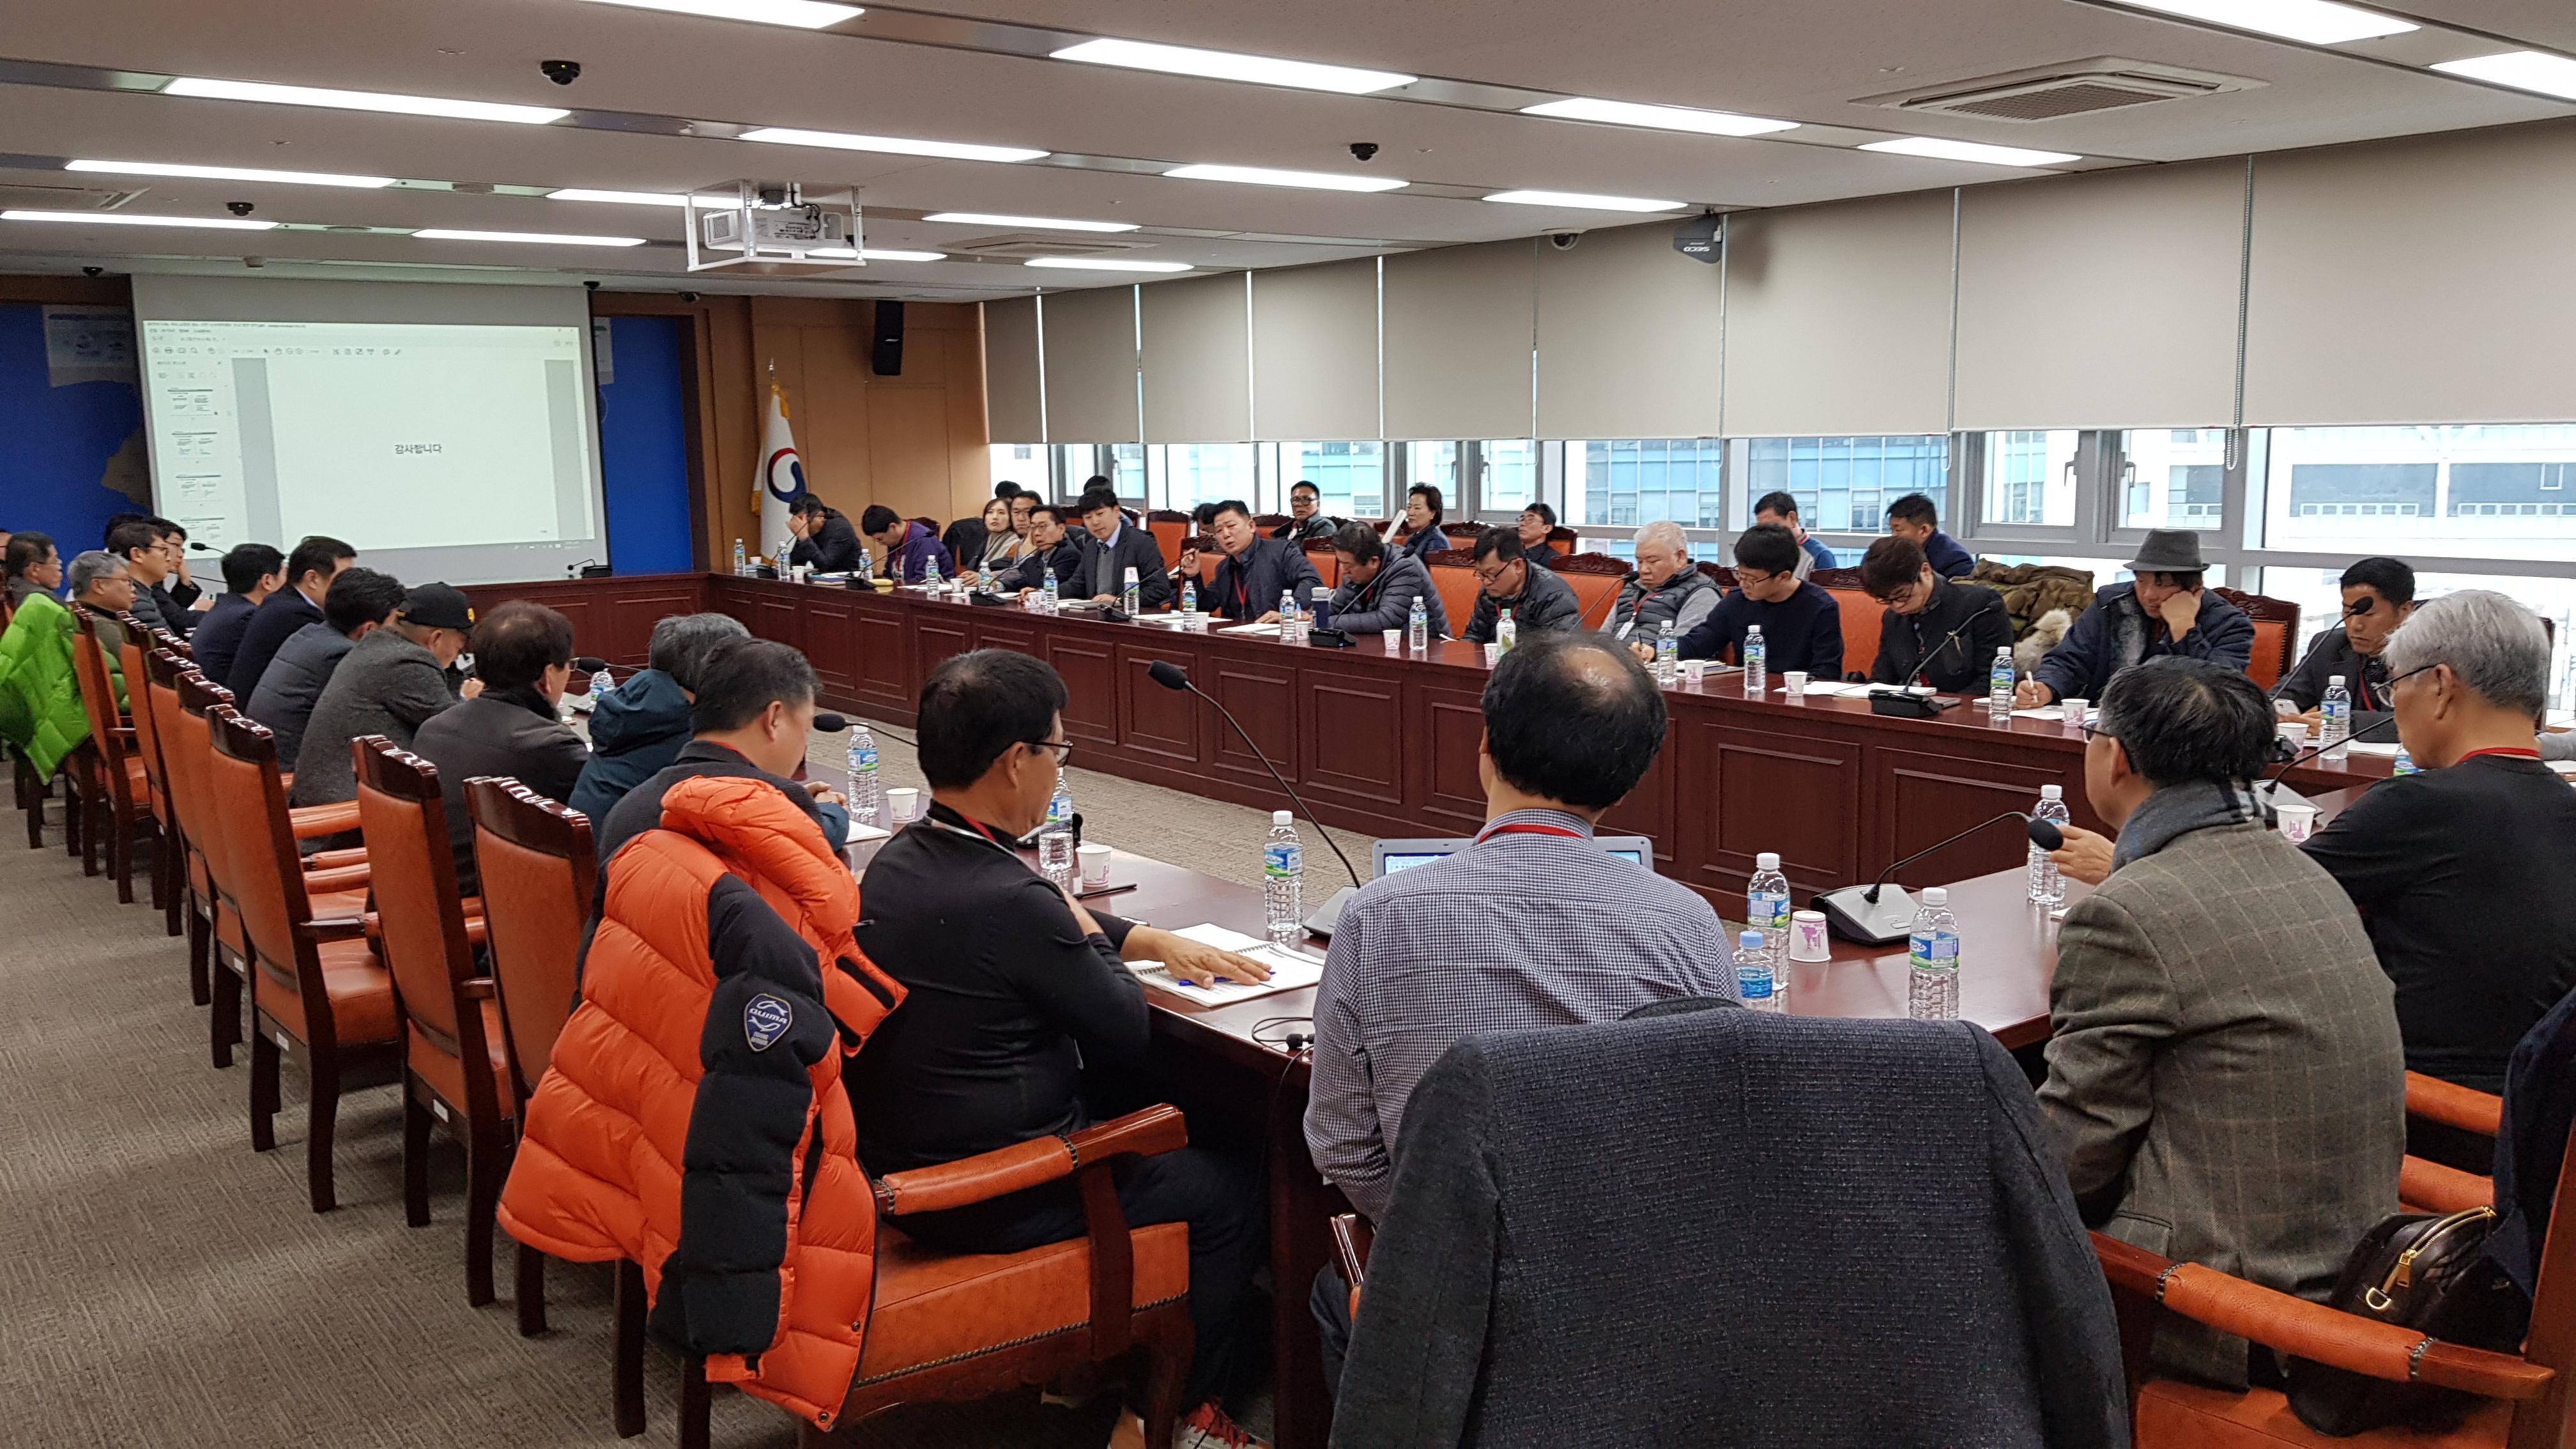 해수부, 선진 낚시관리제도 도입 방안 중간보고회 개최...조획량 제한·낚시이용권제 도입 시사